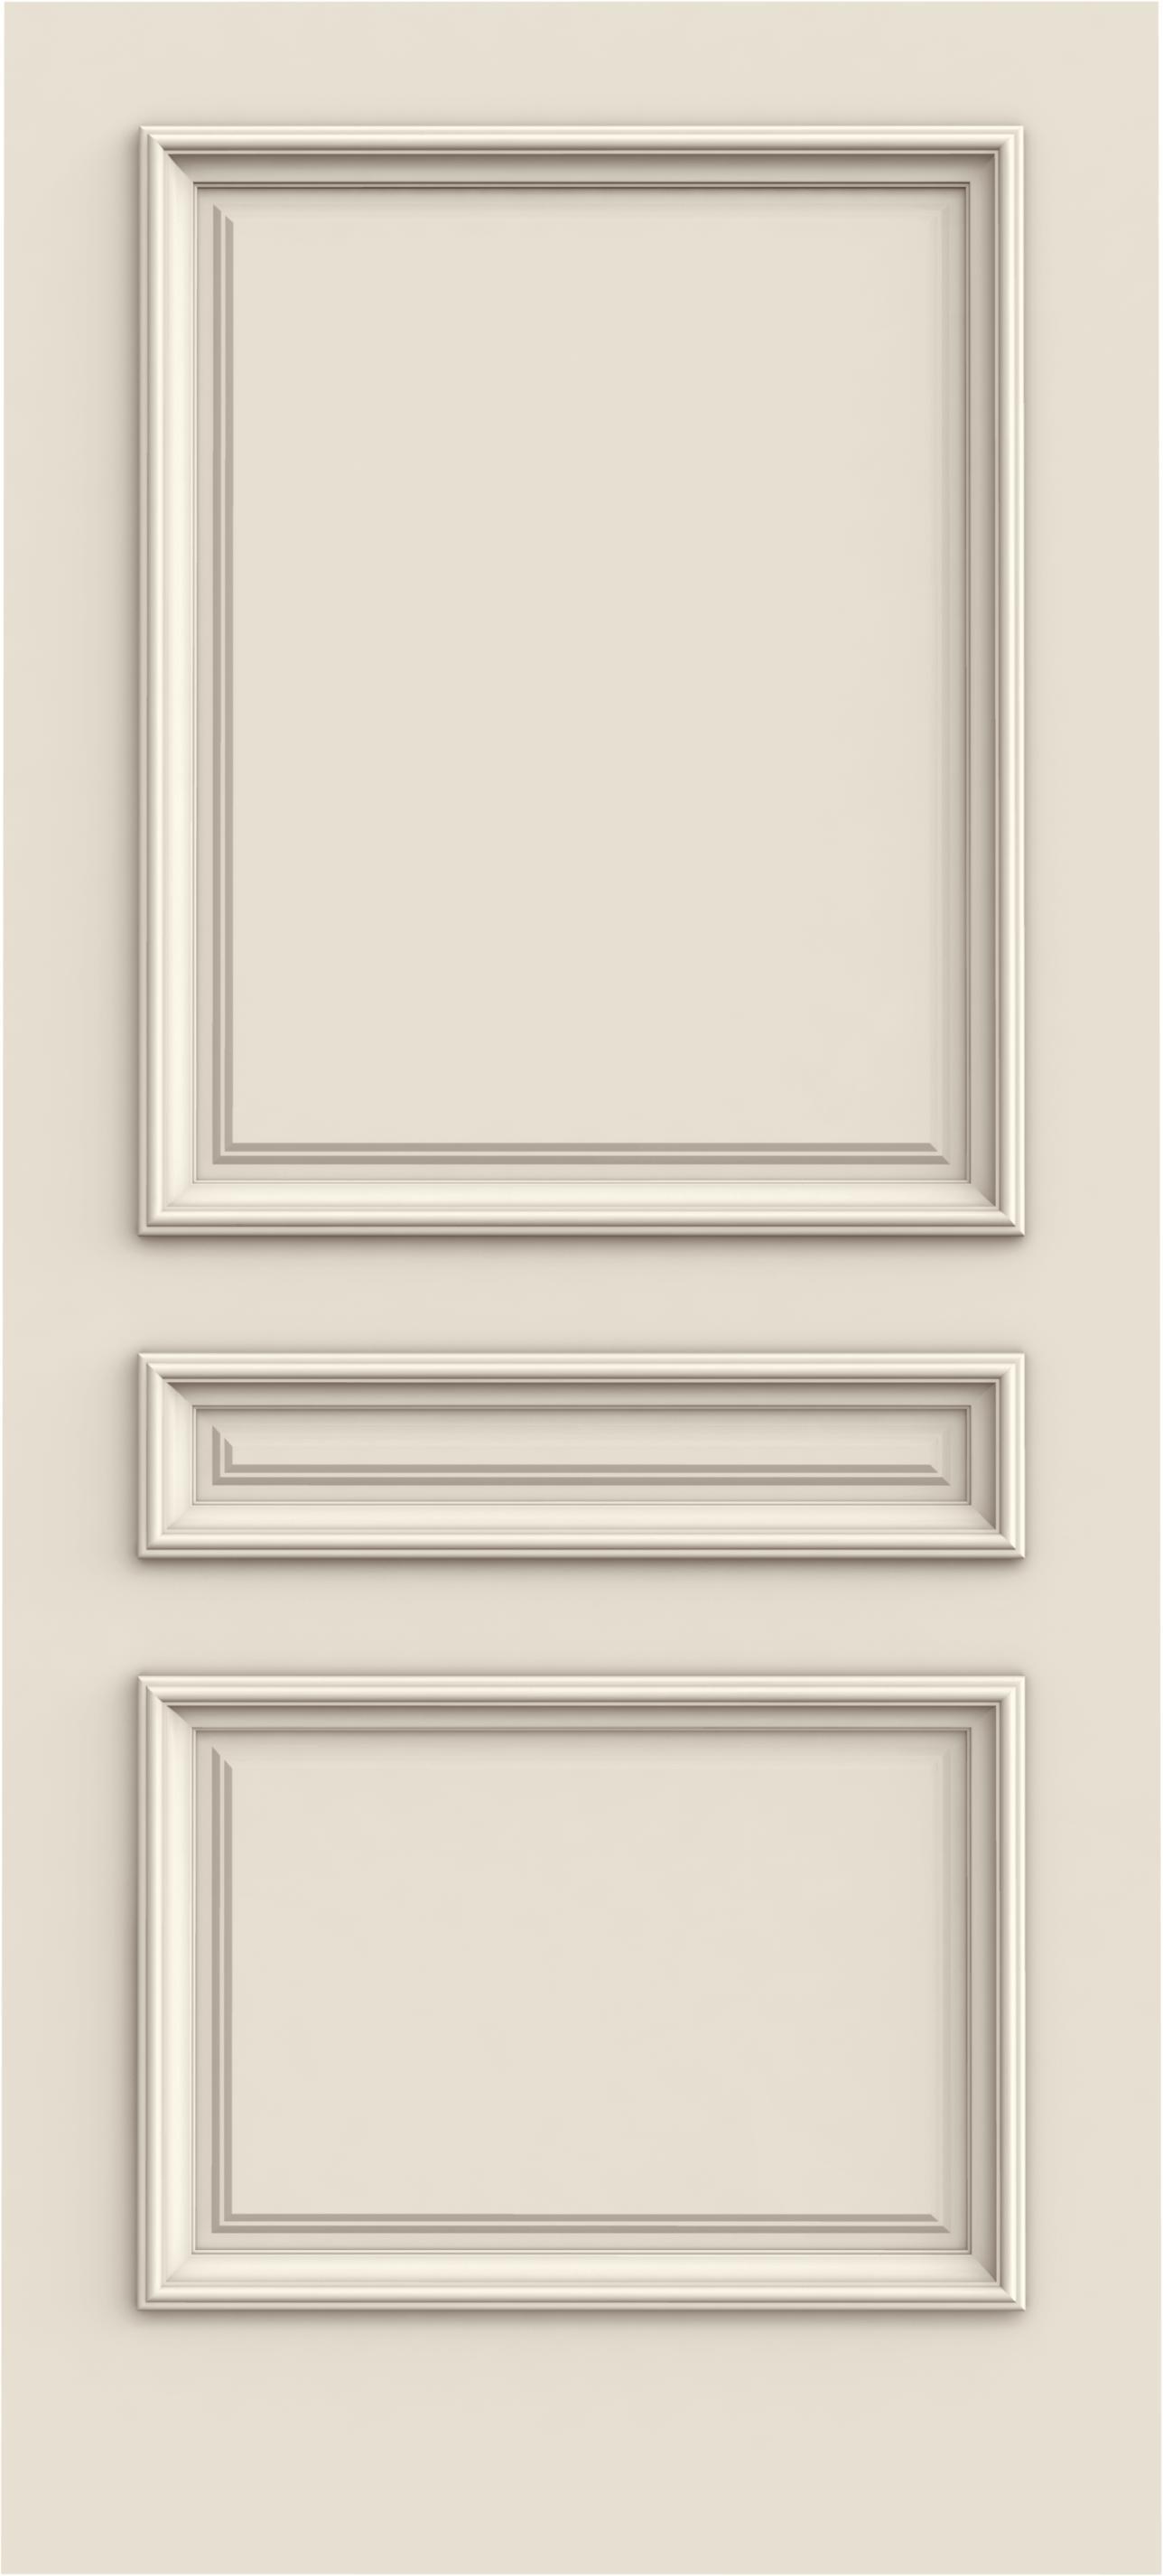 Tria Composite R Series All Panel Interior Door Jeld